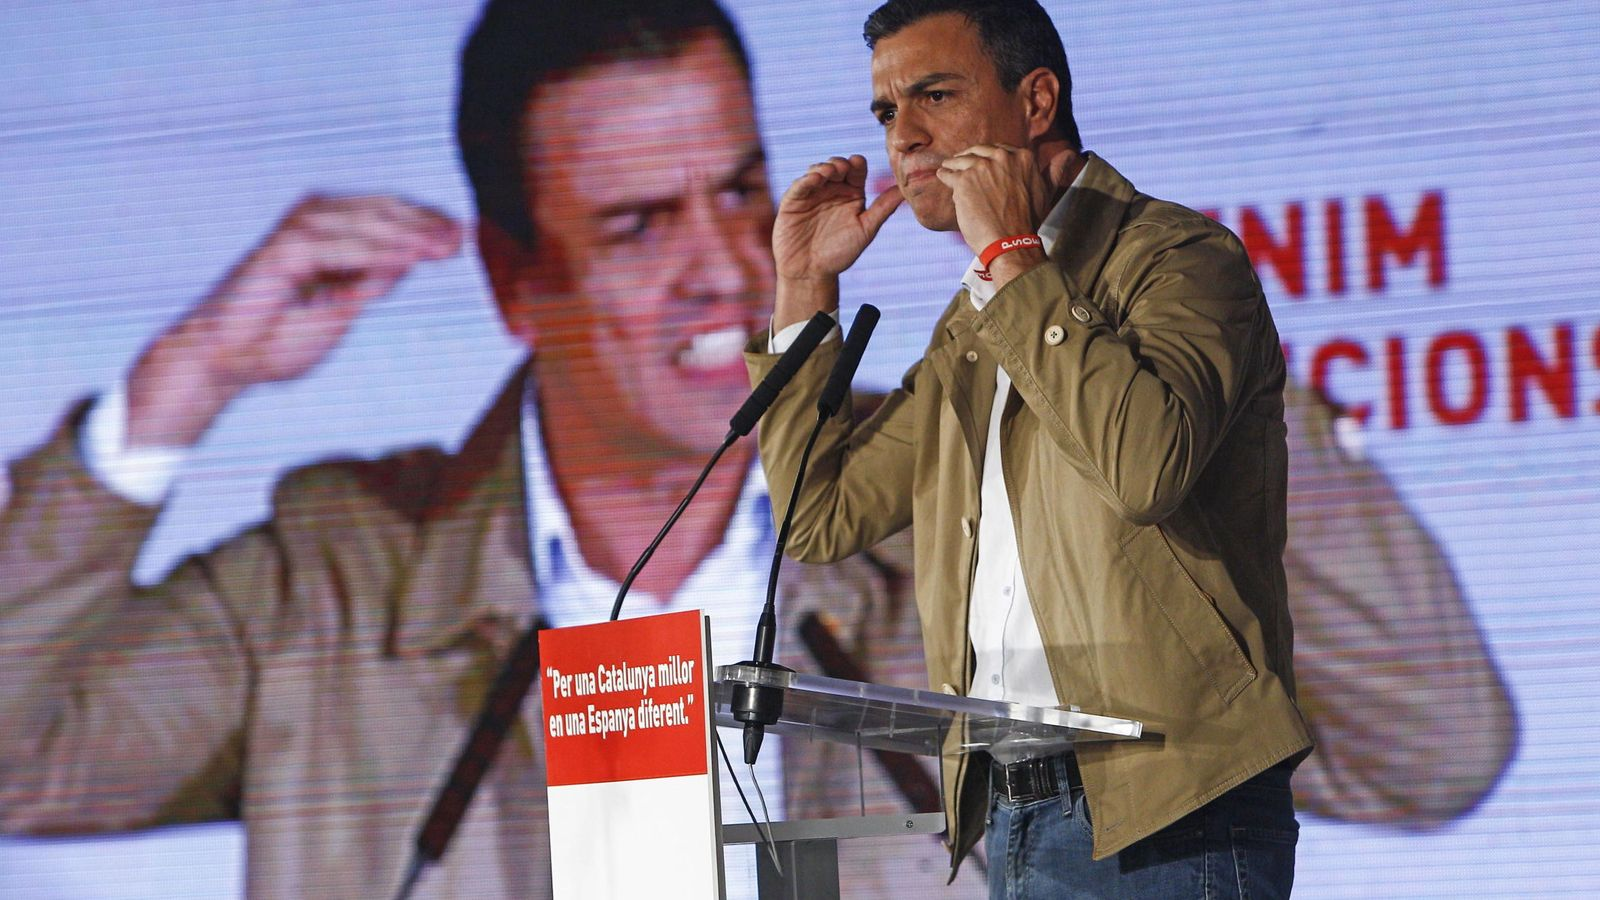 Foto: El secretario general del PSOE, Pedro Sánchez, durante el acto de inicio de campaña para las elecciones catalanas. (Efe)